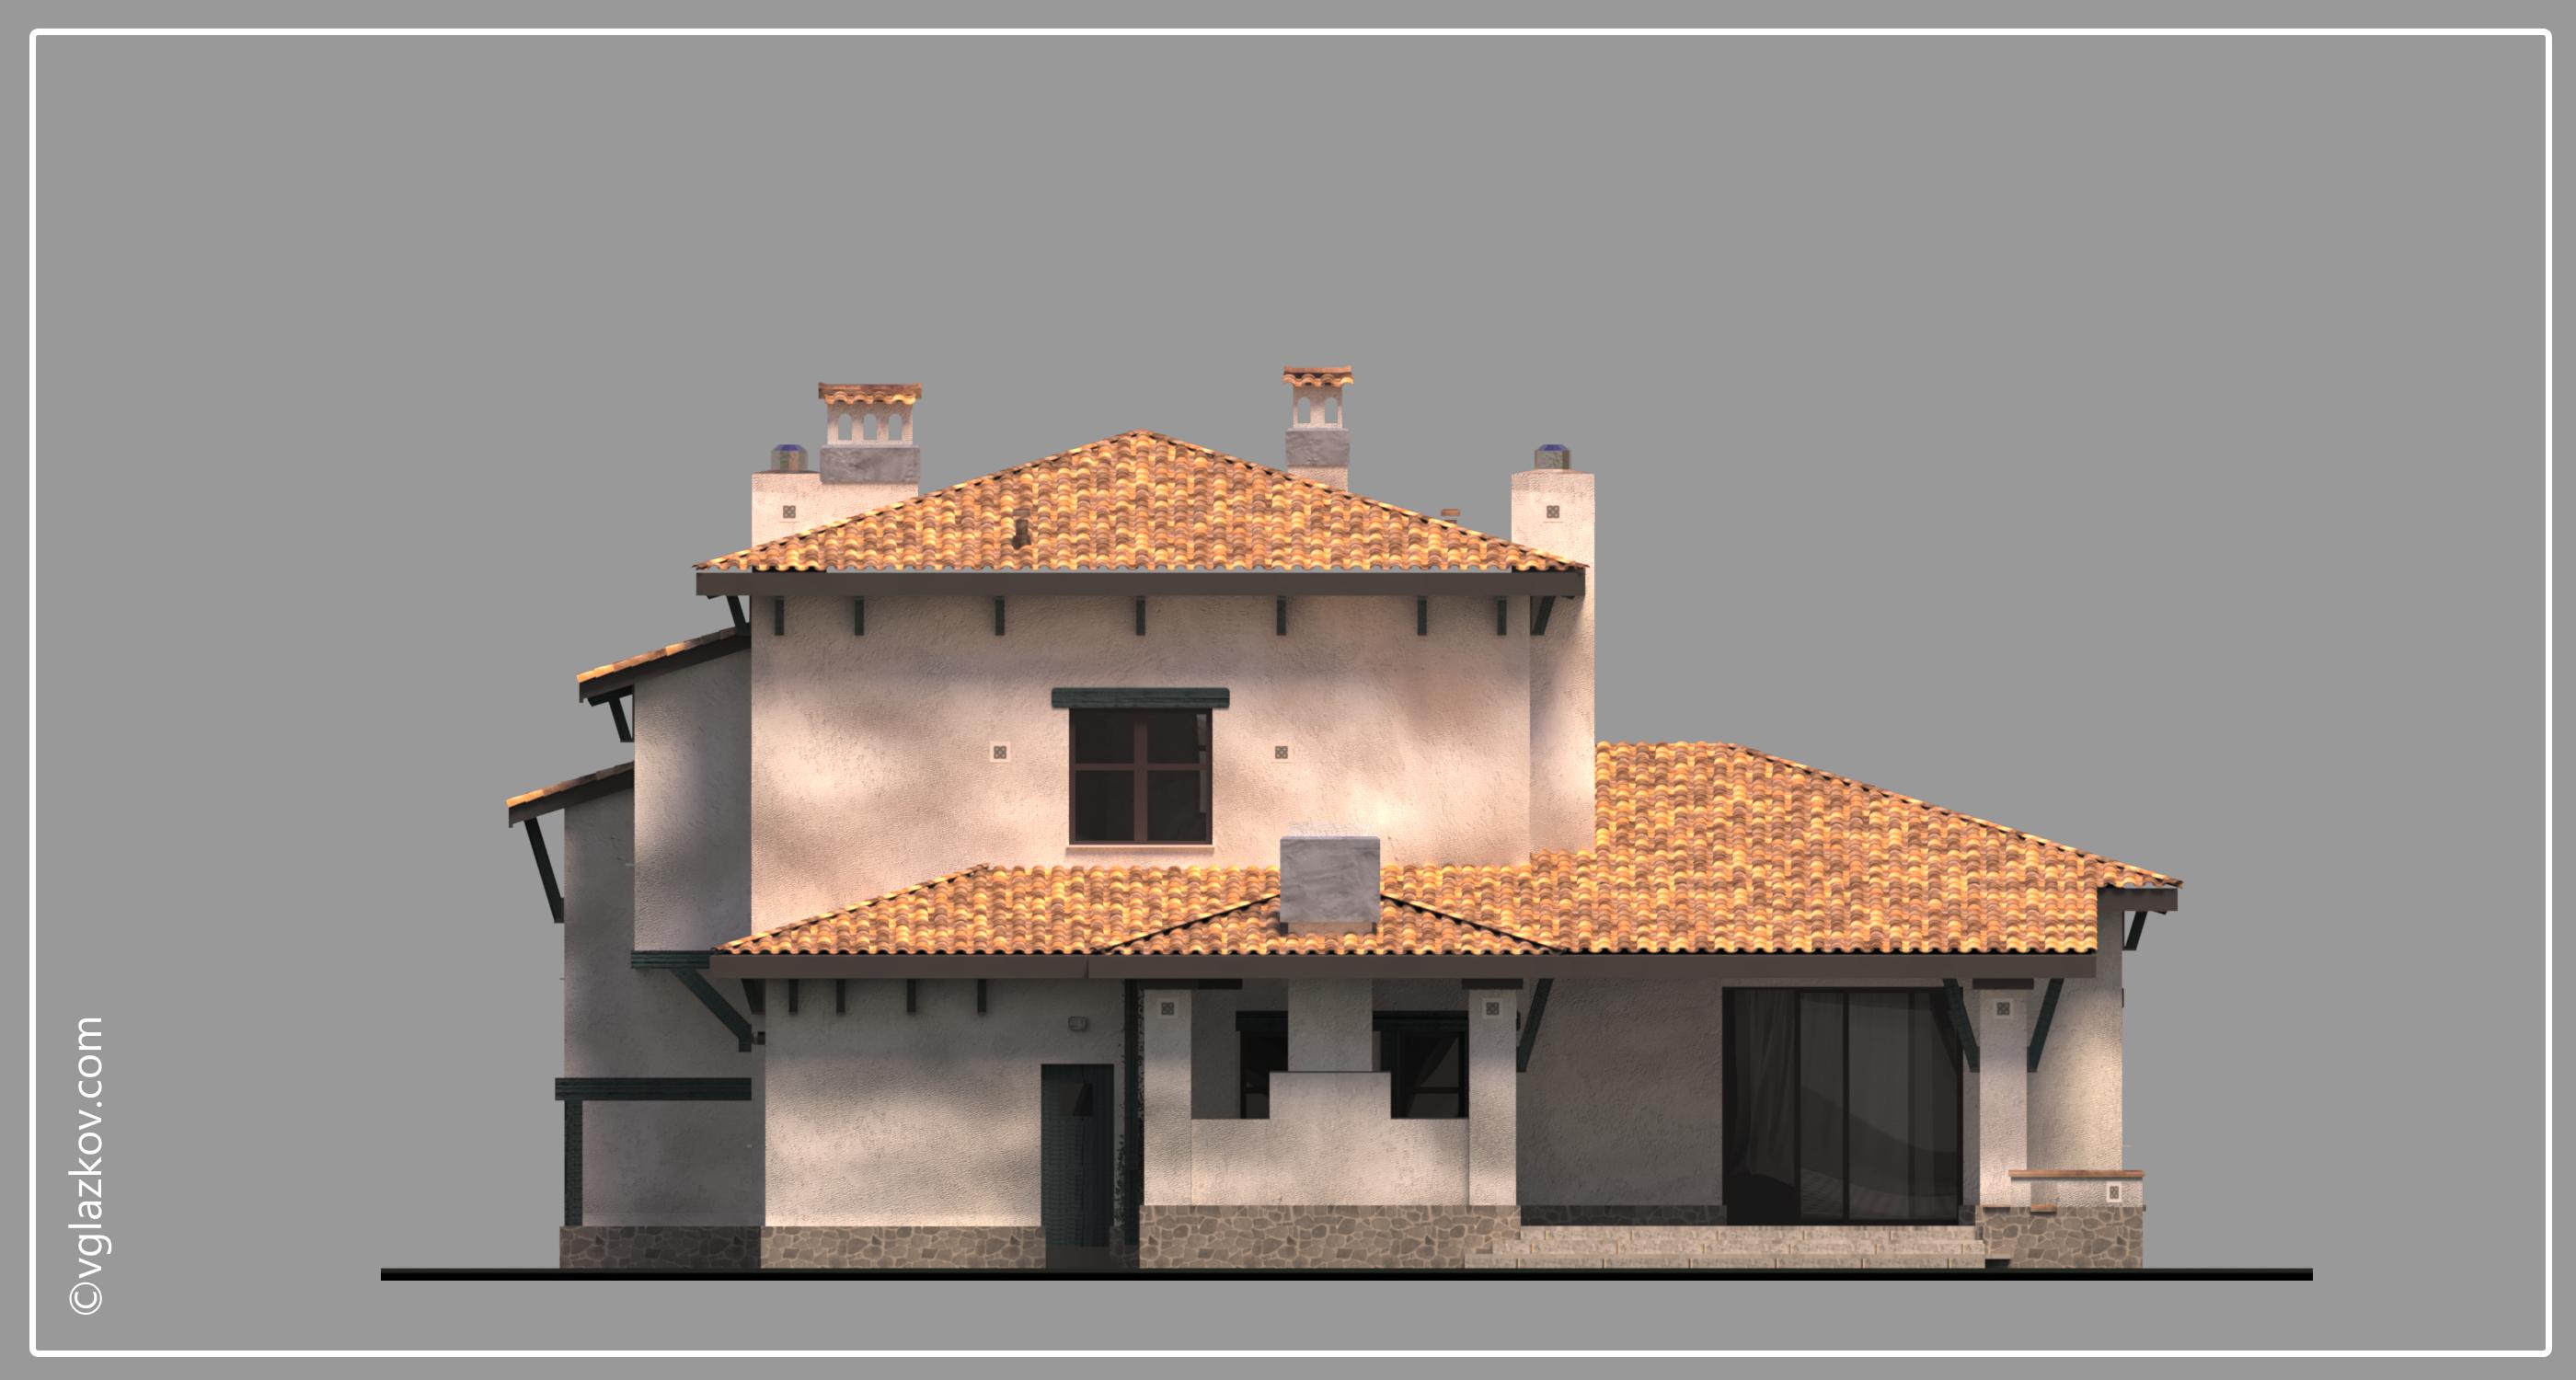 Проект дома в Средиземноморском стиле с террасами панорамными окнами, фасад 3